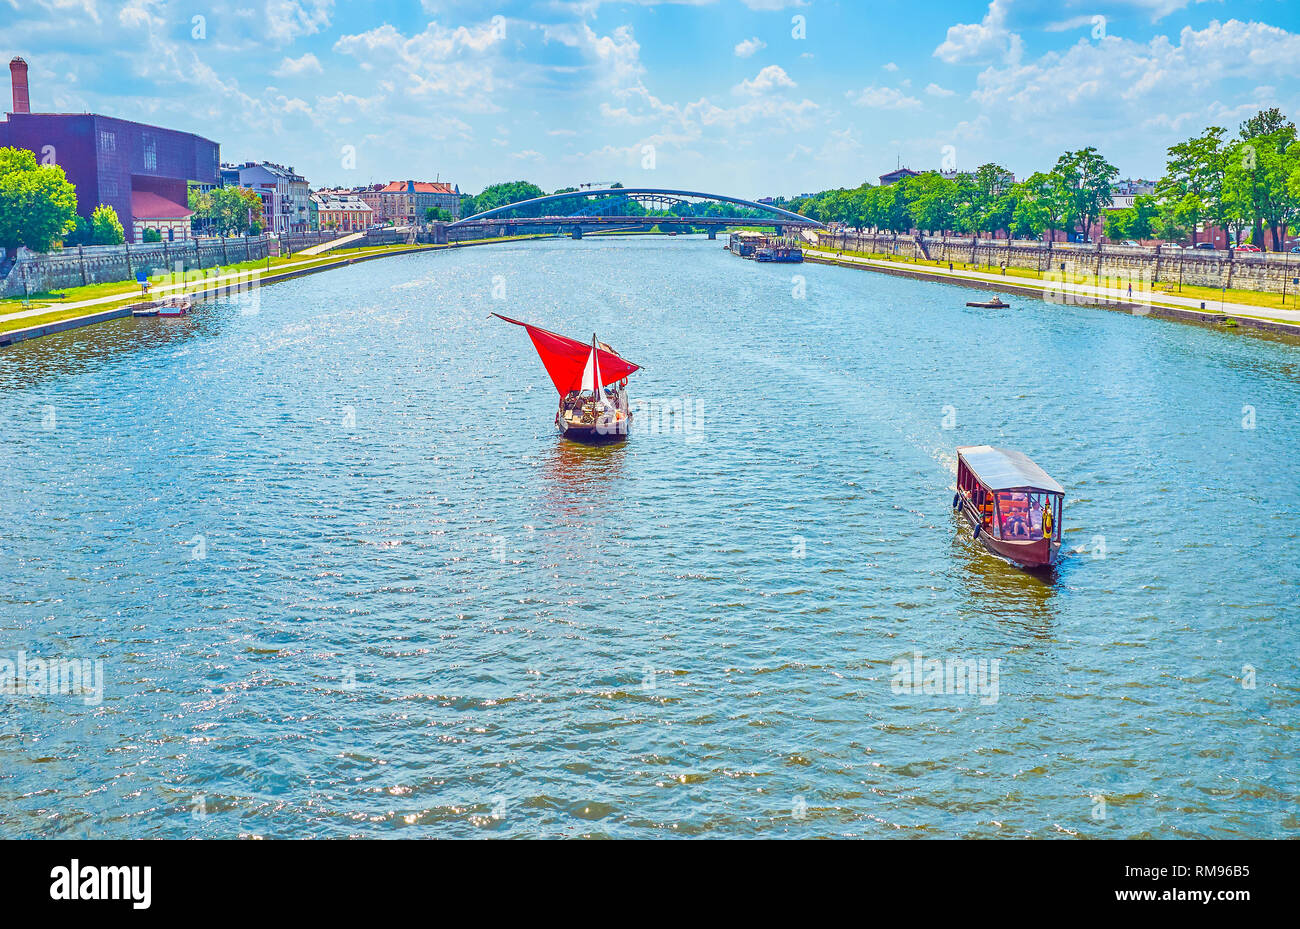 Krakau, Polen - 21. JUNI 2018: Zwei Arten von touristischen Boote, die überdachte Motorboot und Segelschiff, für die mittelalterliche Zeit Liebhaber, am 21. Juni in Krakau. Stockfoto